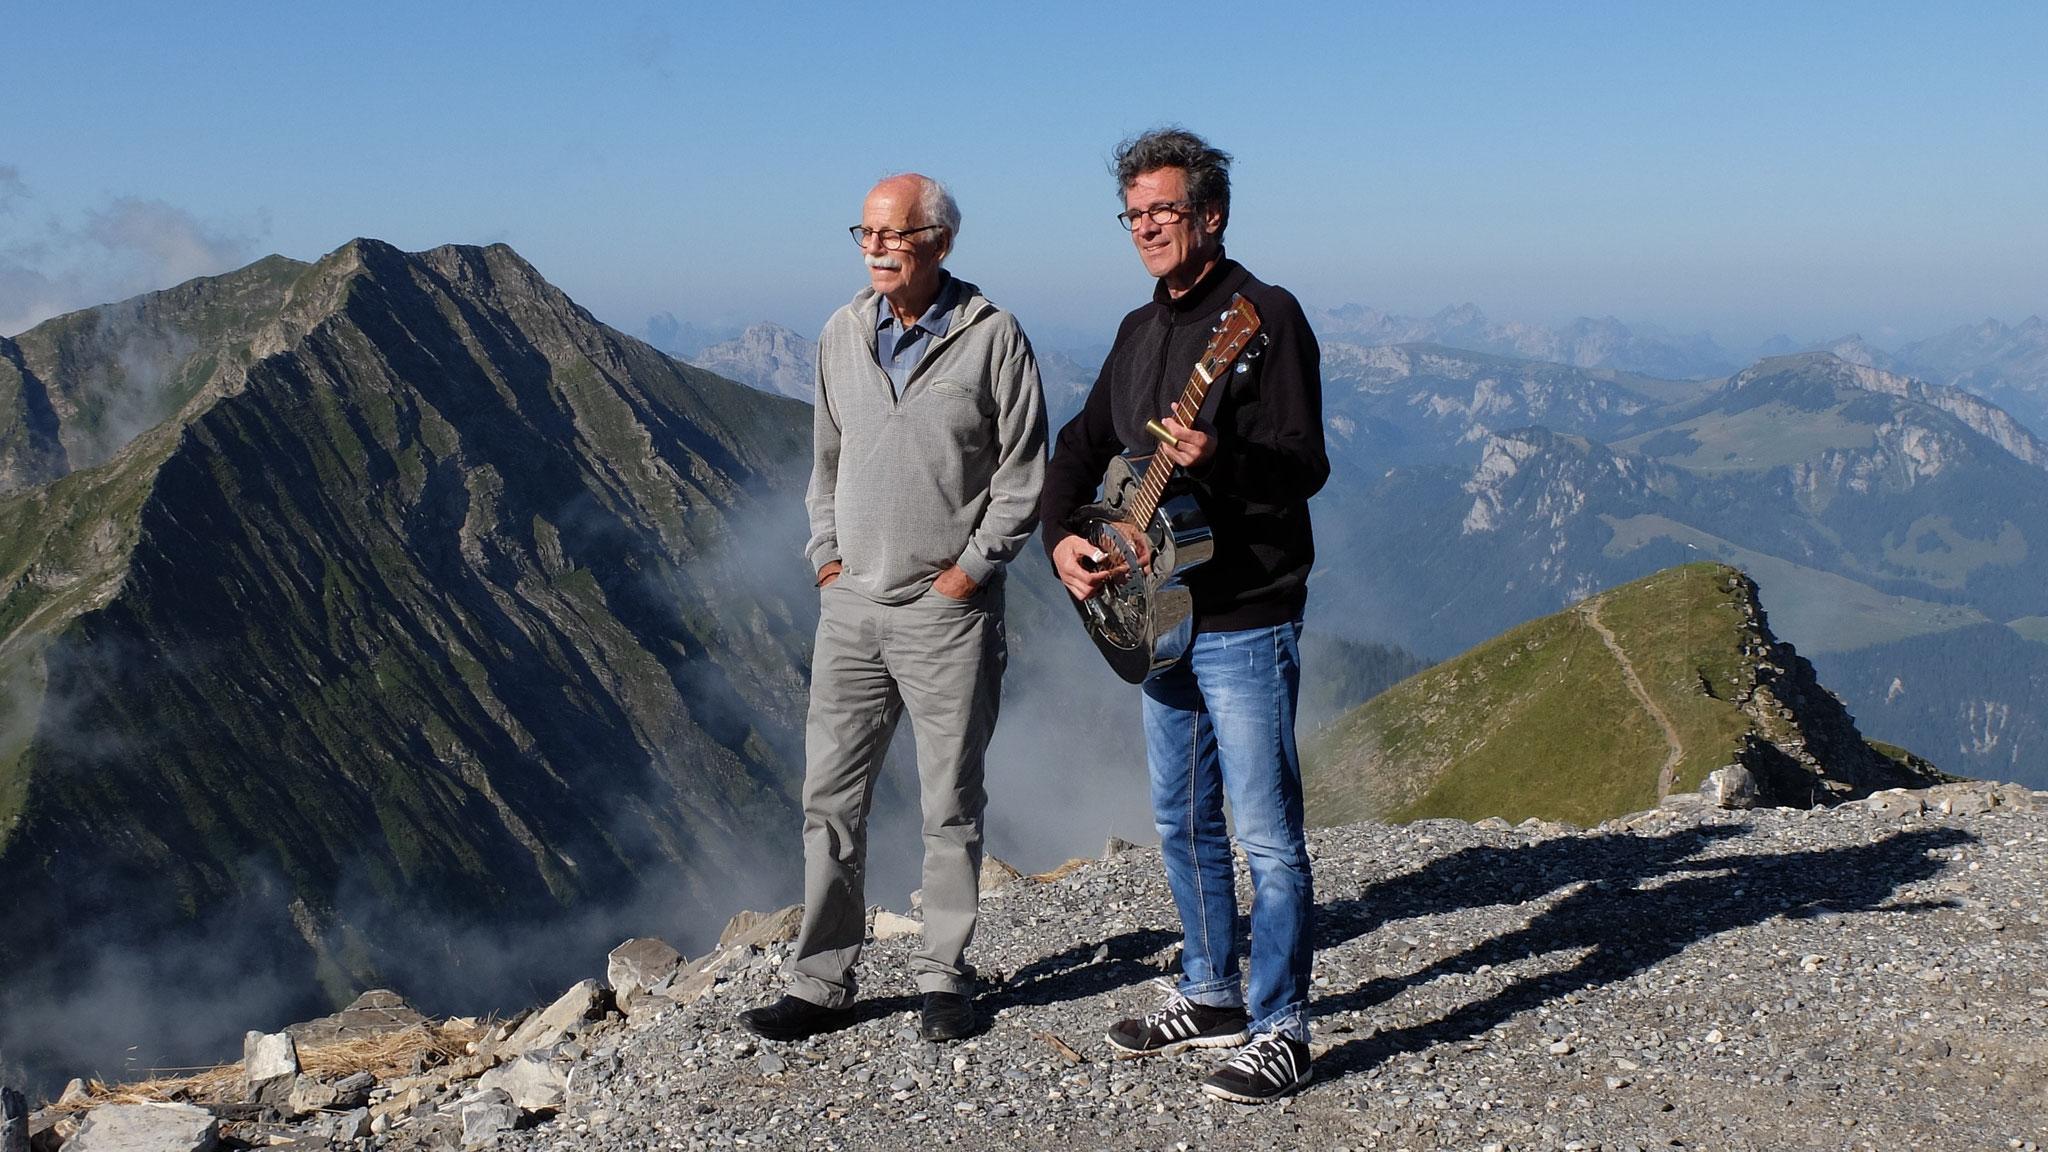 Walter Däpp & Ronny Kummer